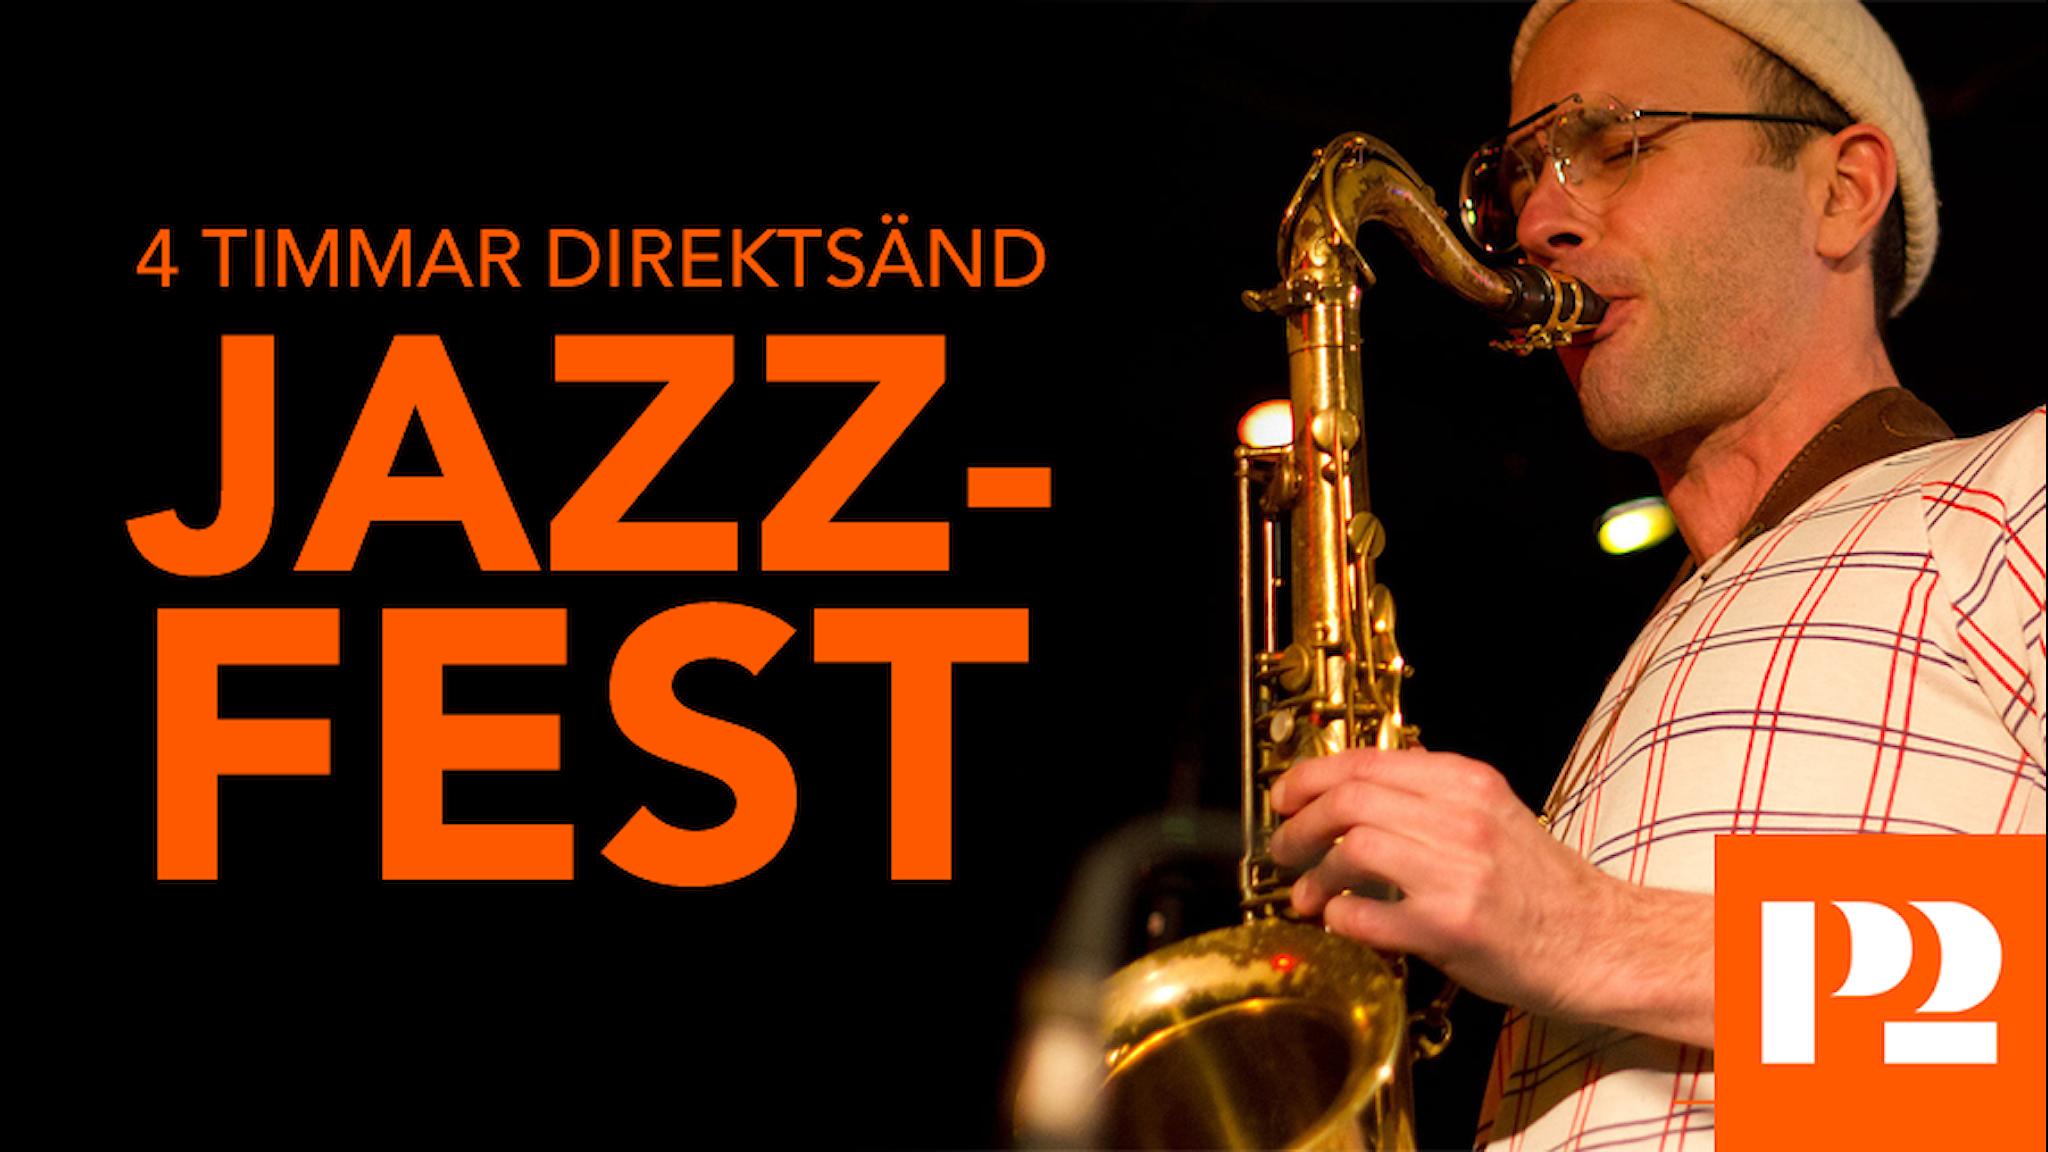 4 timmar direktsänd jazzfest